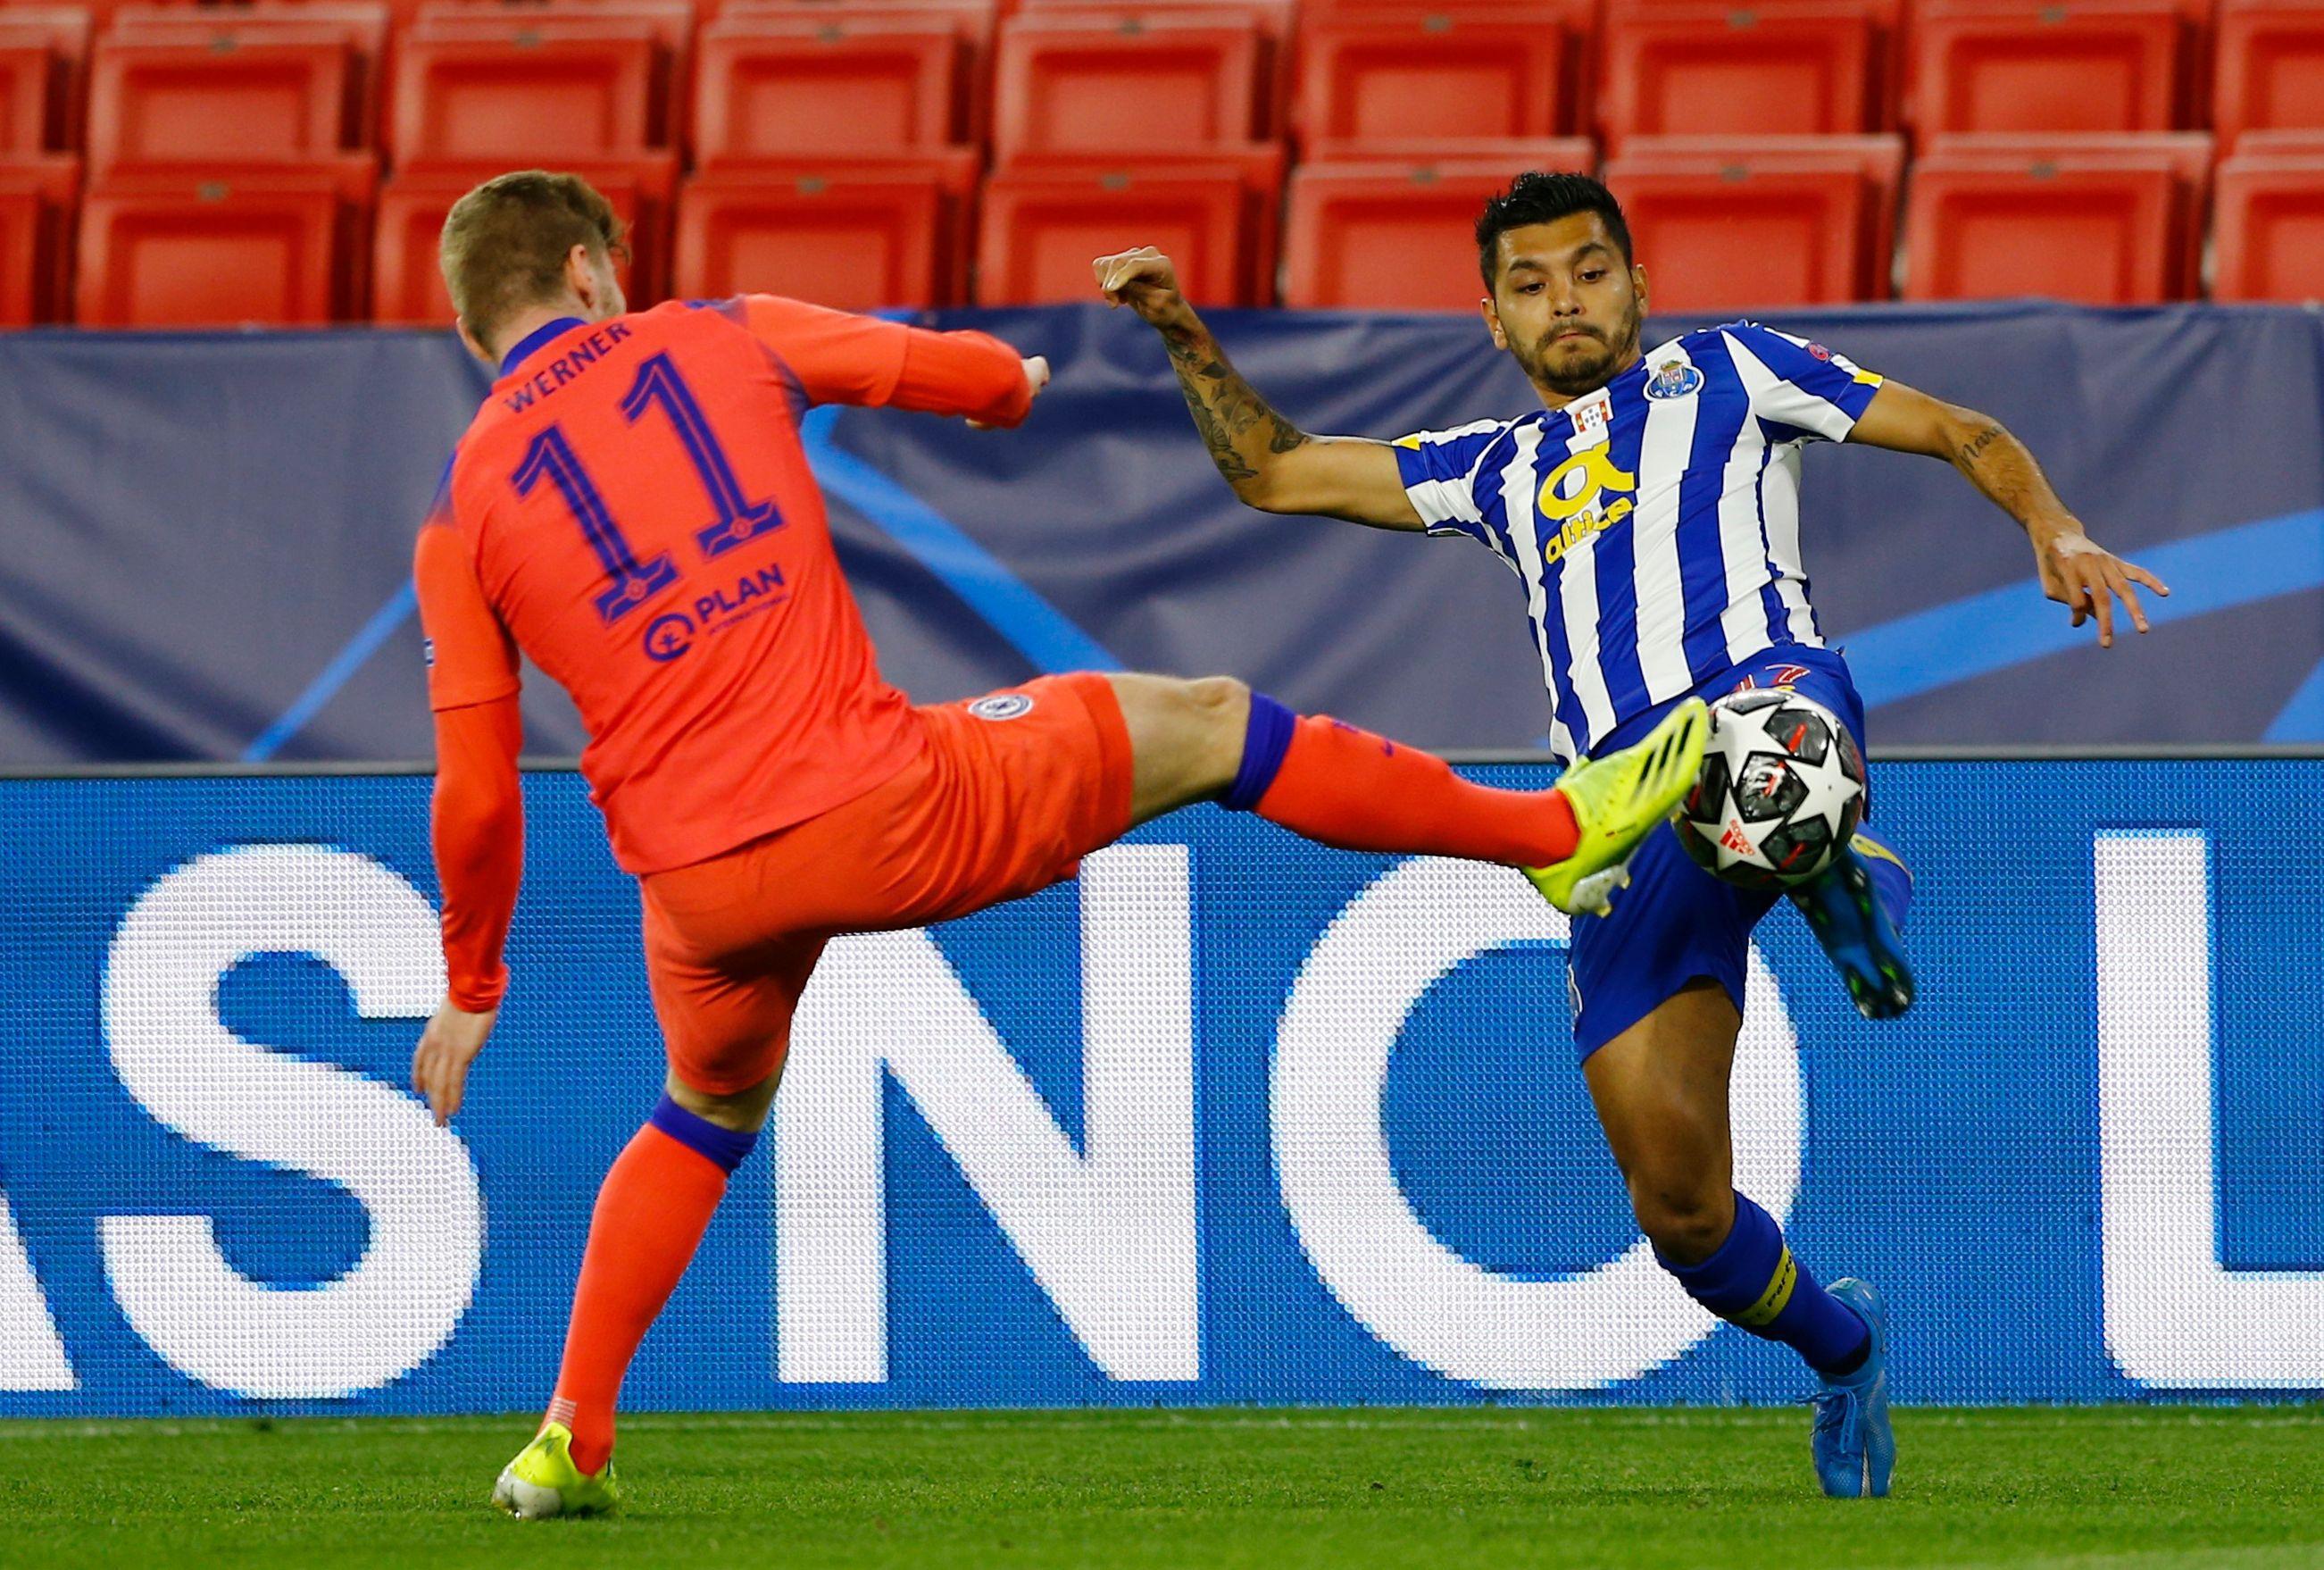 El Porto cayó 0-2 vs Chelsea en el partido de ida de los cuartos de Final de la Champions League 2021 (Foto: REUTERS/Marcelo Del Pozo)